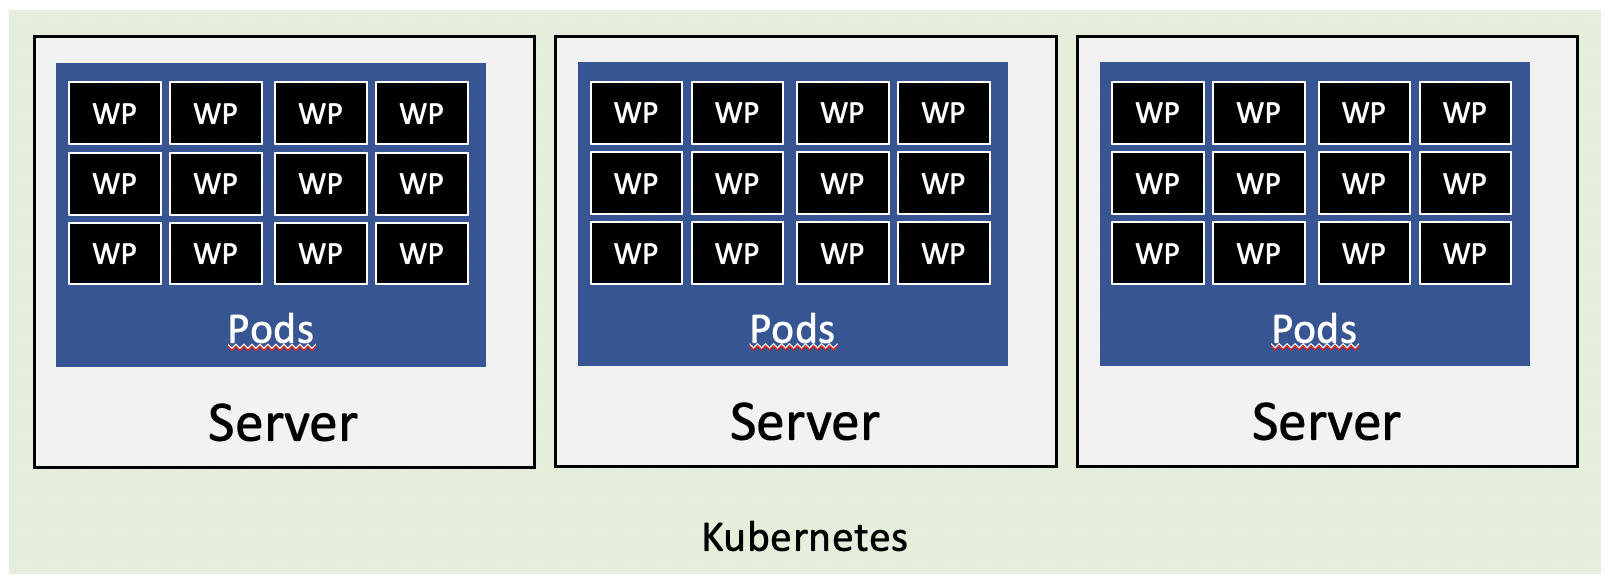 Ein Bild, das Text, Rechner, Screenshot enthält.  Automatisch generierte Beschreibung